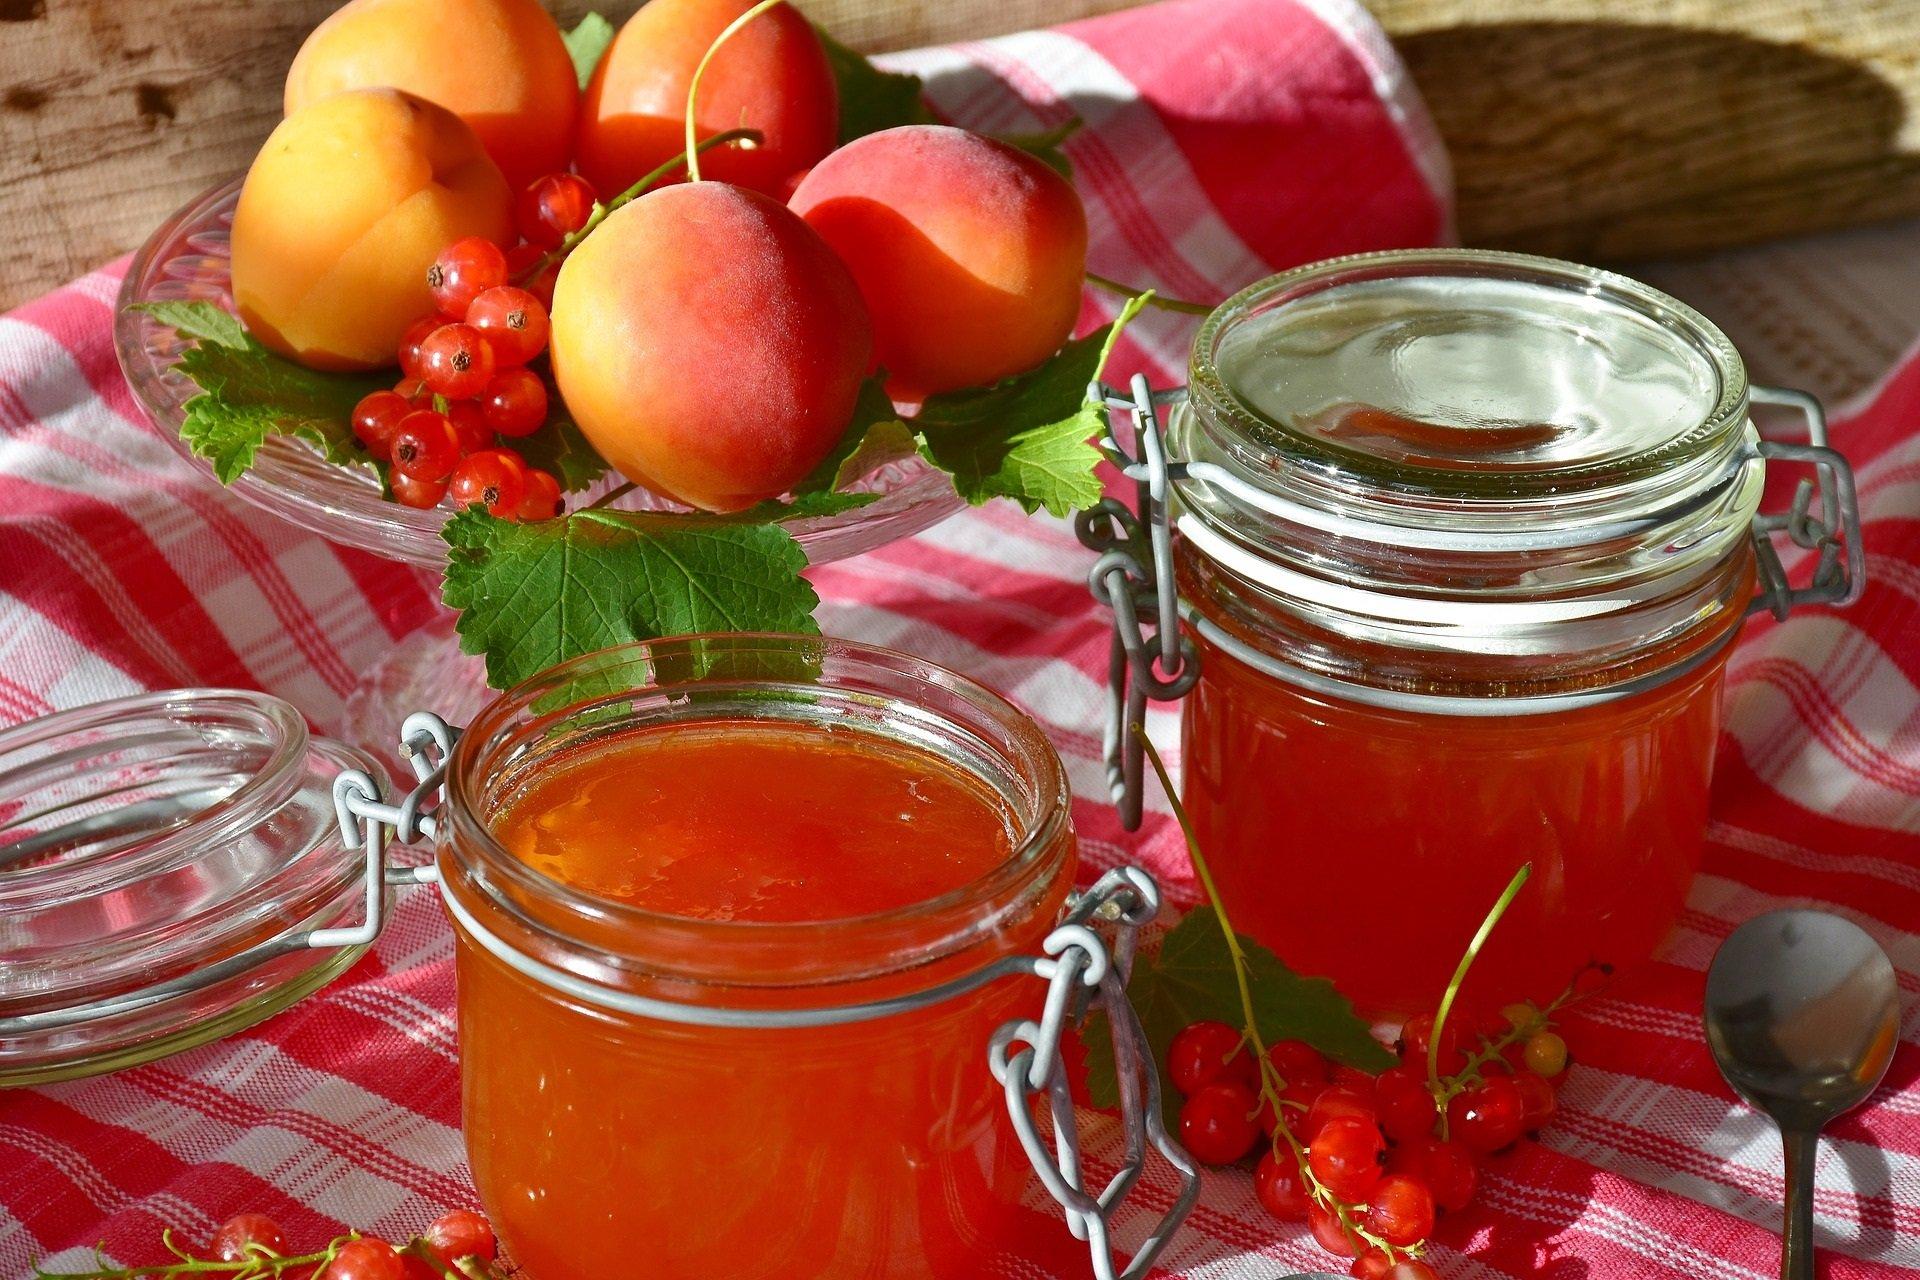 Tauschen Sie gerne Marmelade? - © Pixabay